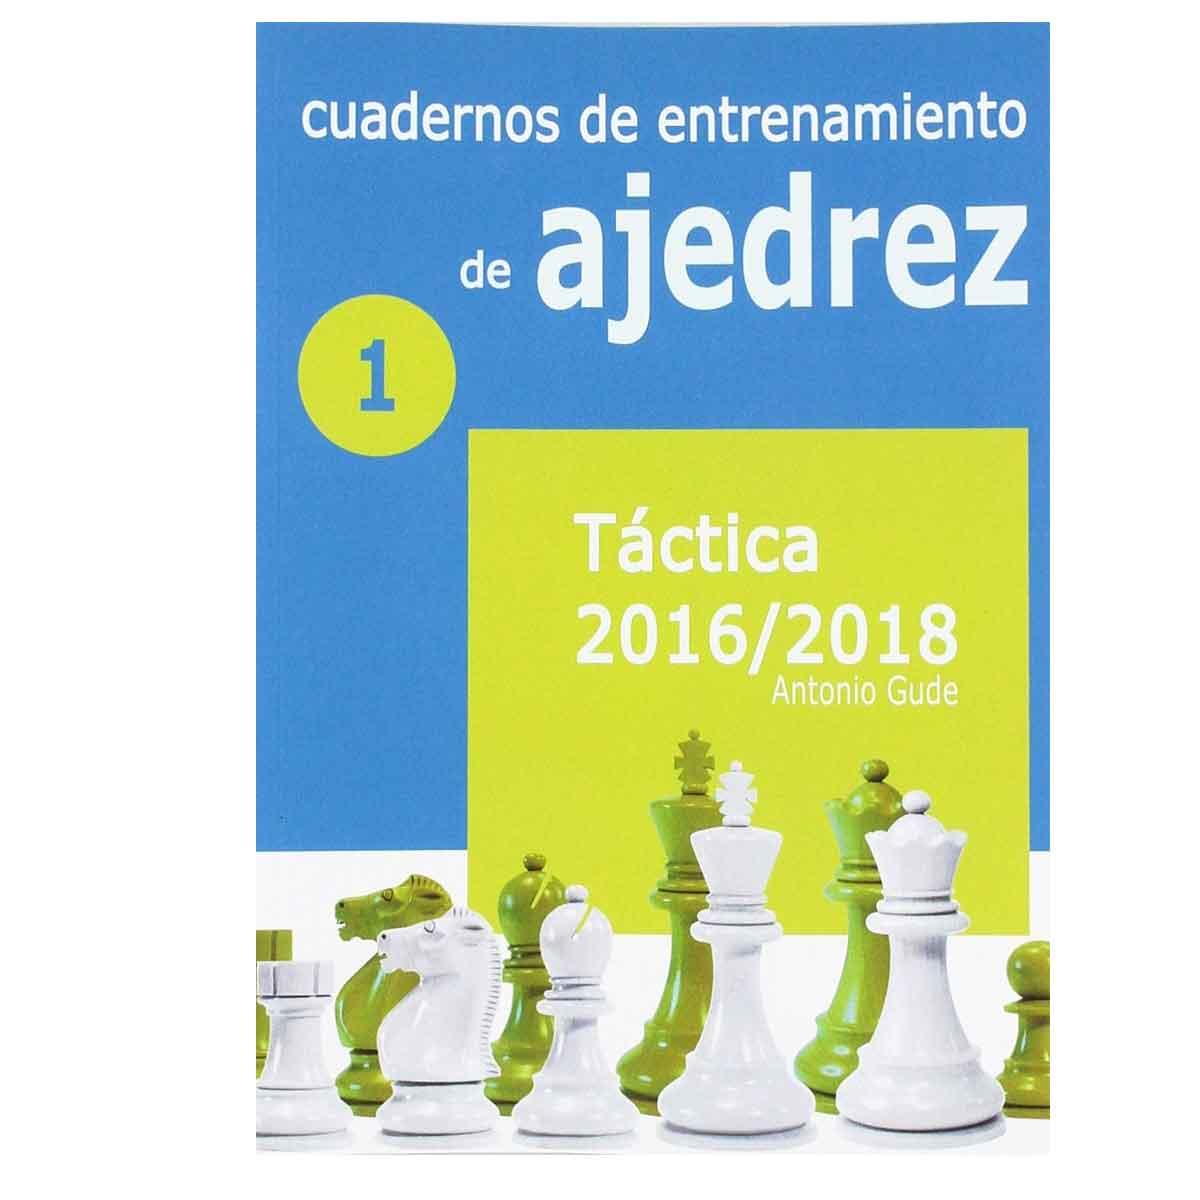 Cuadernos de entrenamiento en ajedrez: 1. Táctica 2016-2018